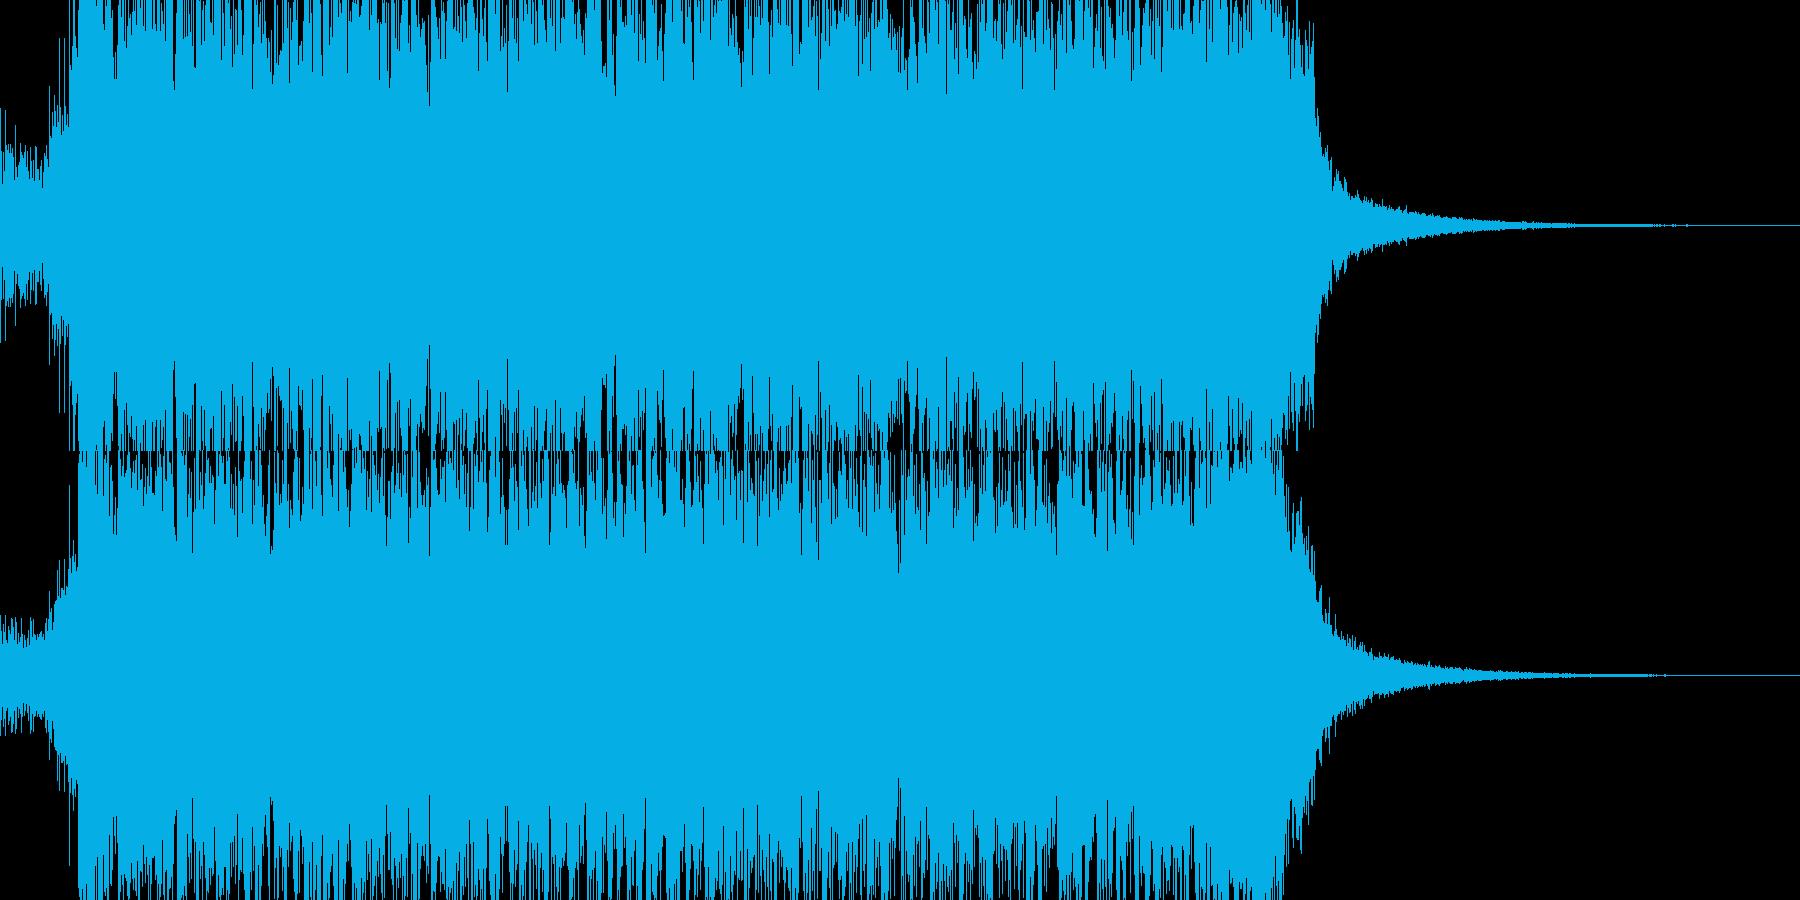 交響曲第9 コーラス トランス 01J1の再生済みの波形